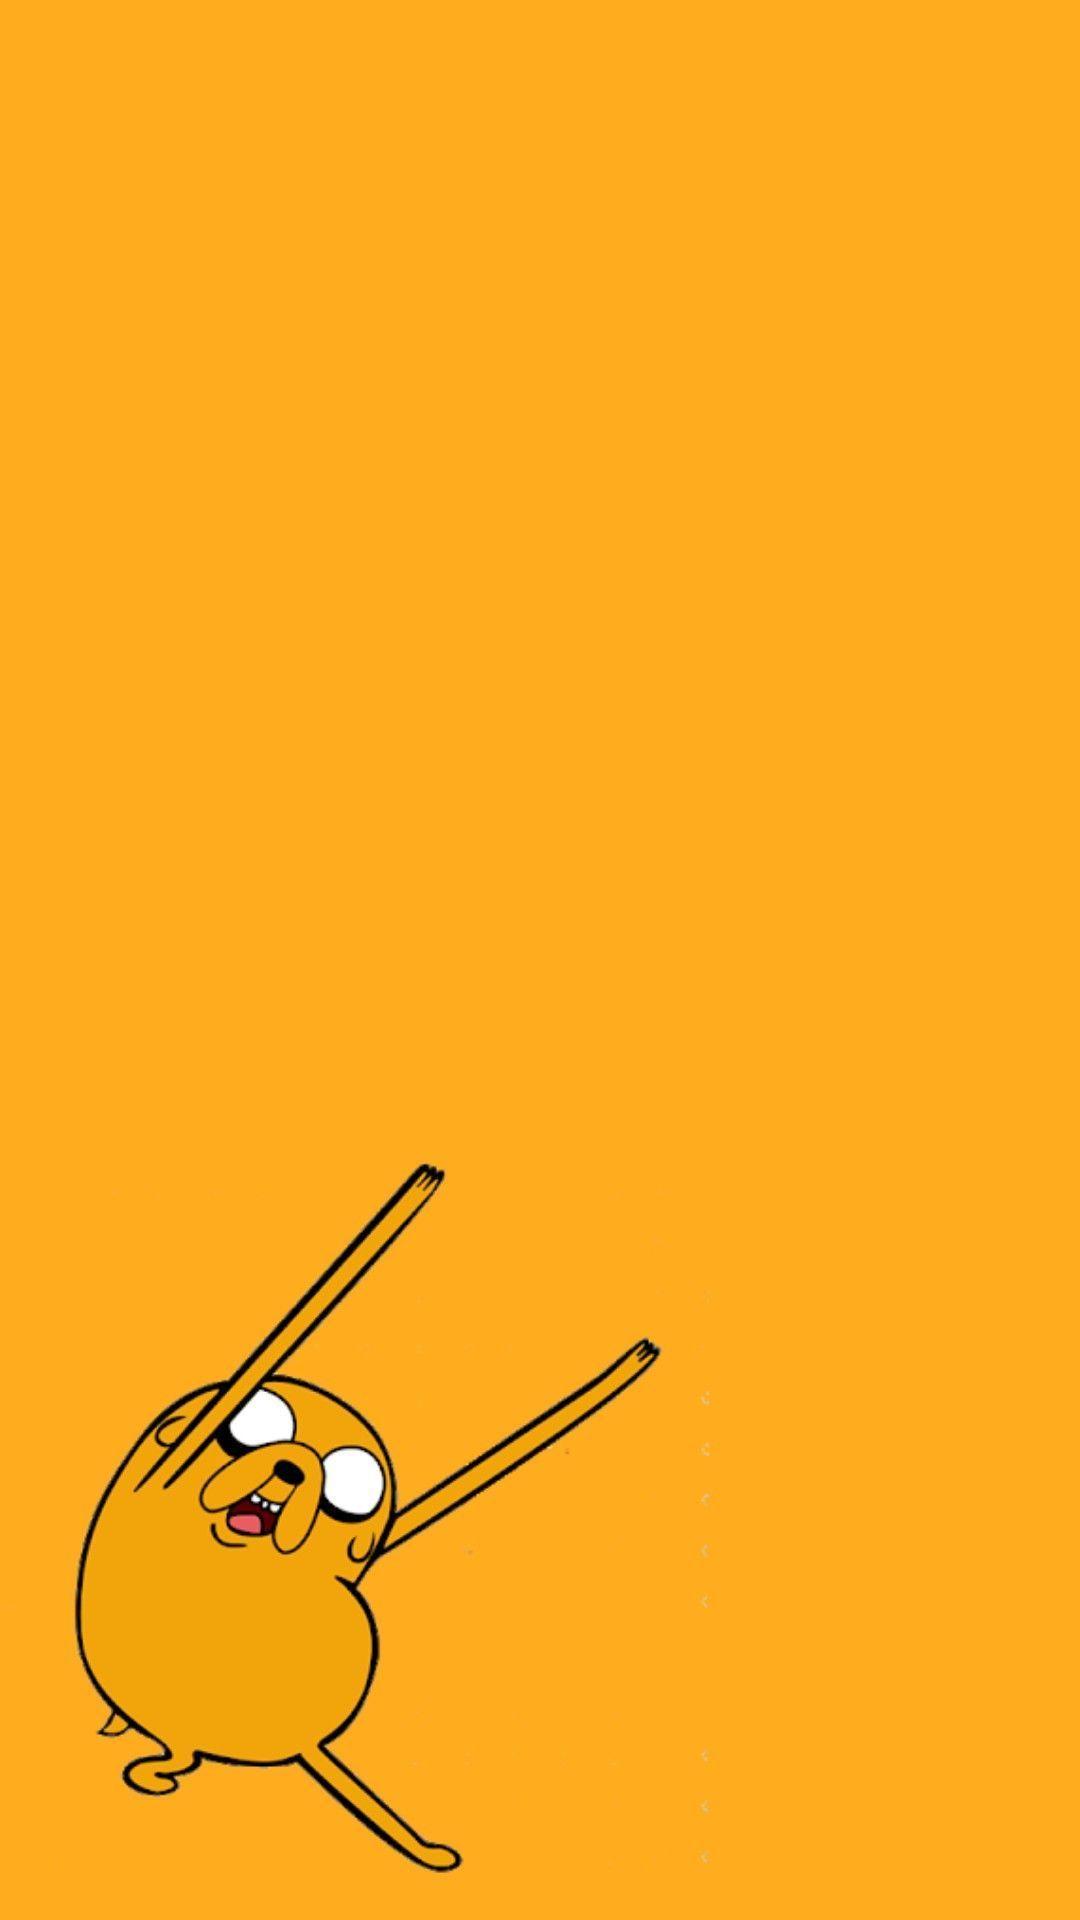 Disney Yellow Aesthetic - Nicheh